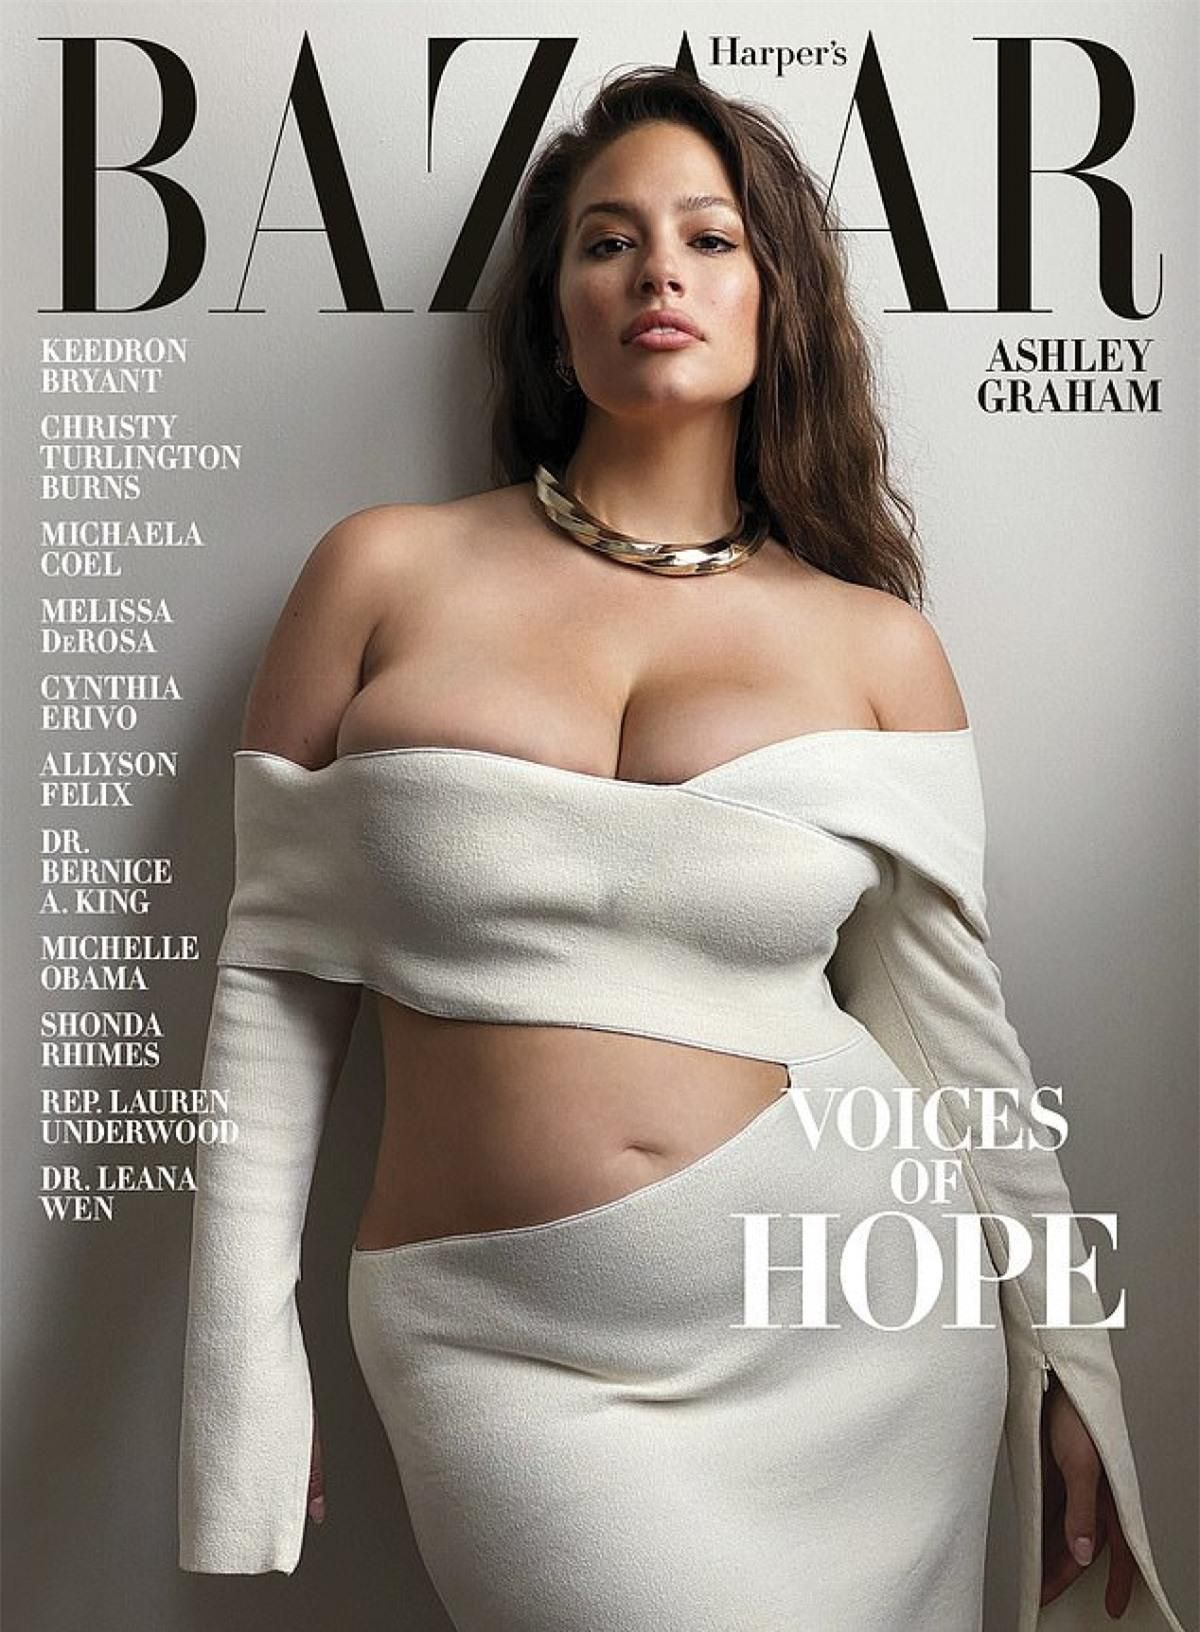 'Người mẫu ngoại cỡ' Ashley Graham diện đồ hiệu đến dự sự kiện thời trang Ảnh 6